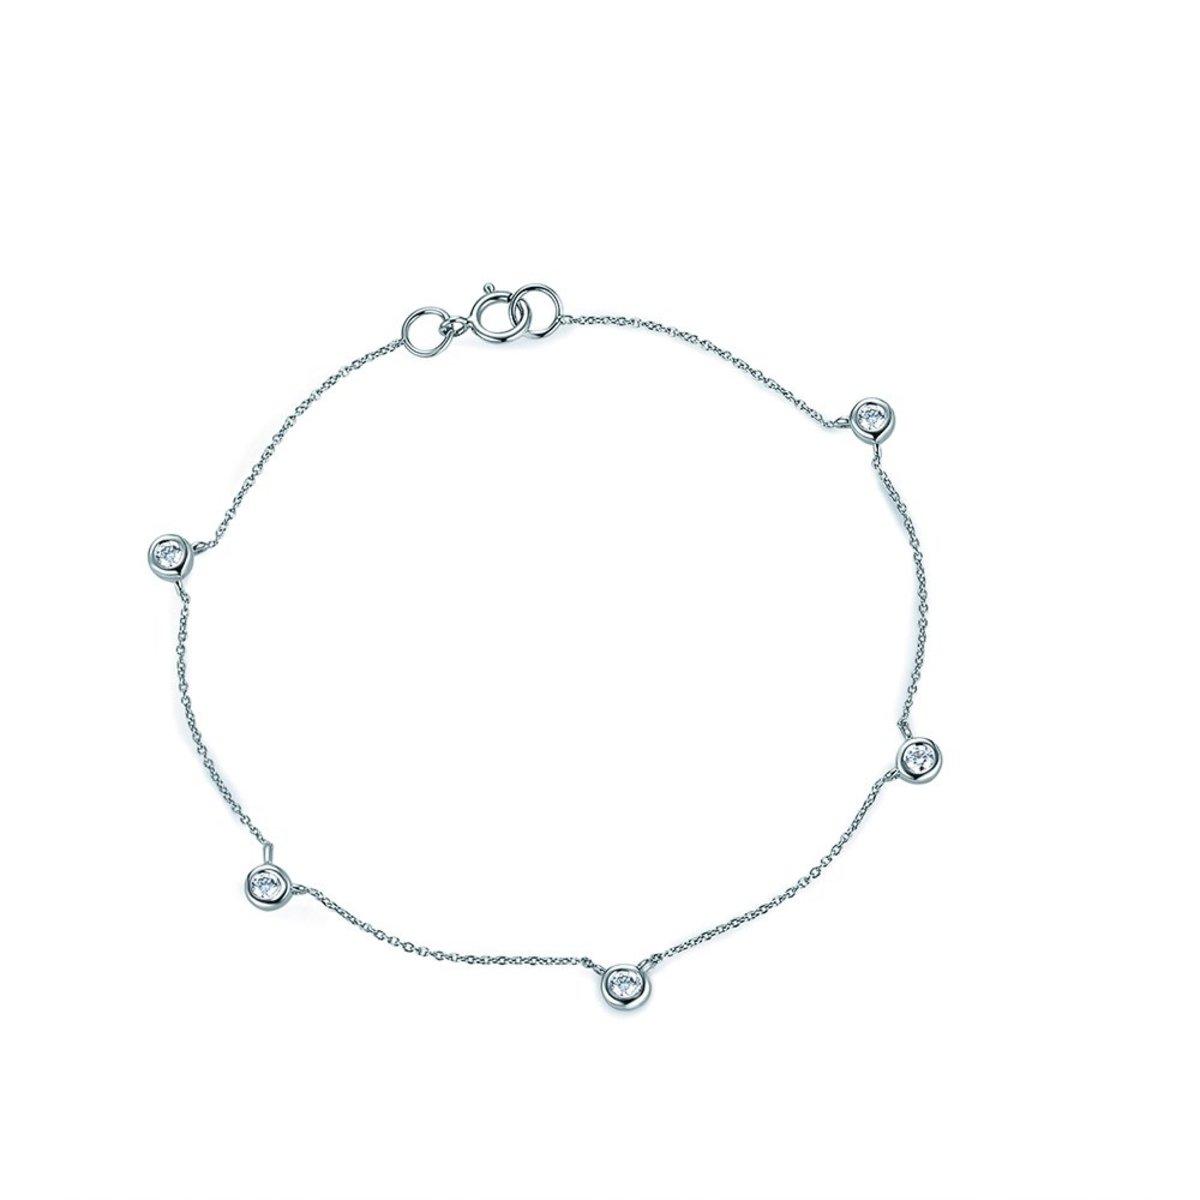 18K White Gold Bezel-Set Diamond Bracelet (0.17 ct. tw.)(165mm)